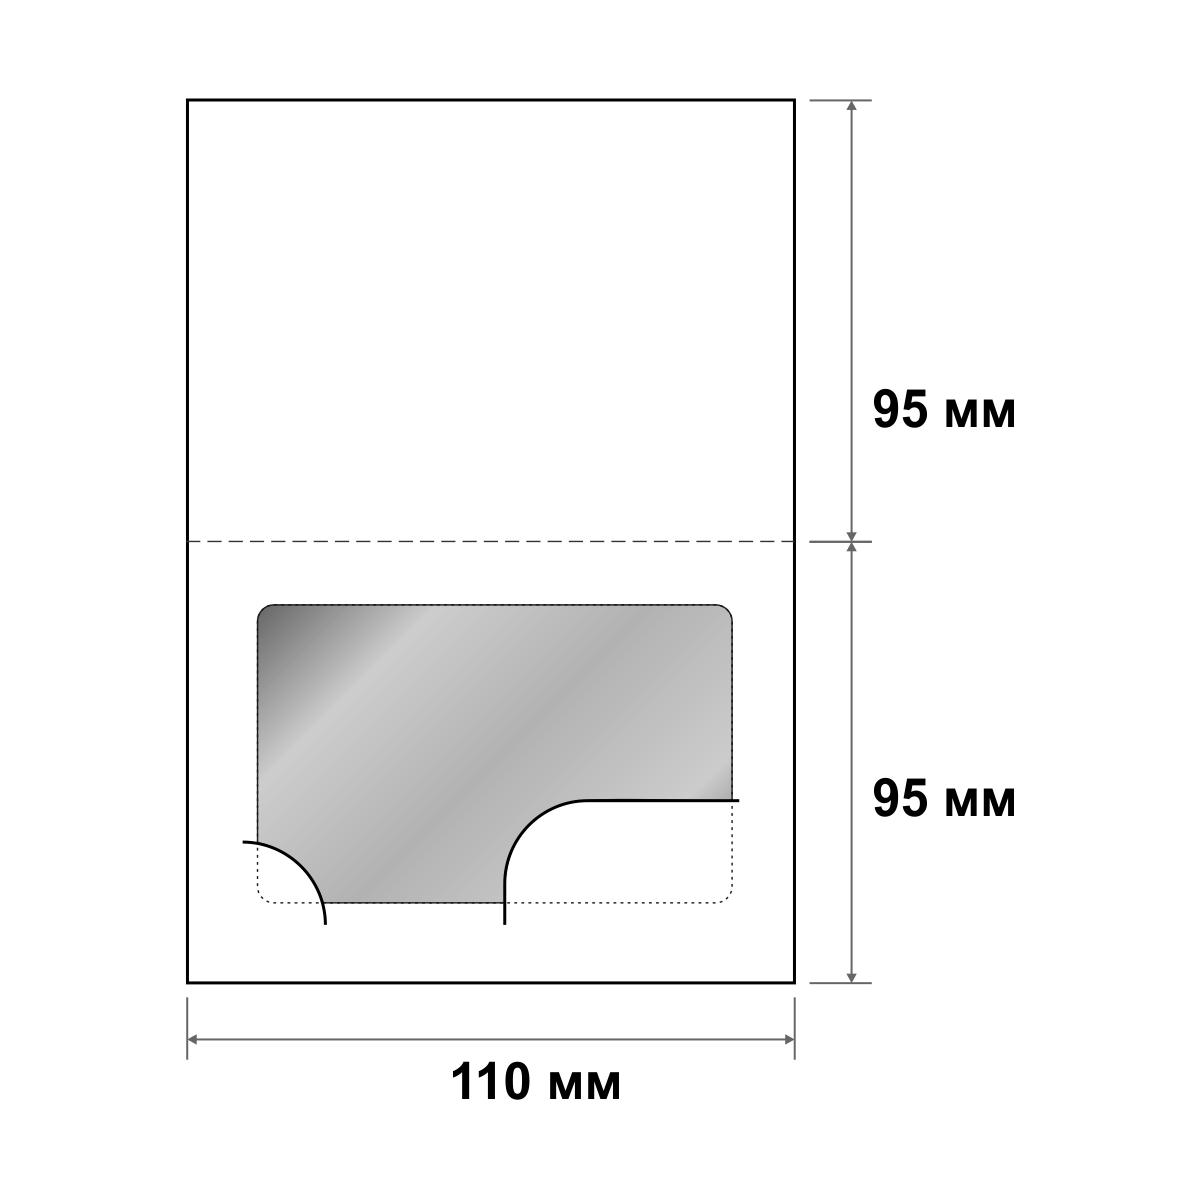 Картхолдер с прорезями для пластиковой карты 110x95 мм